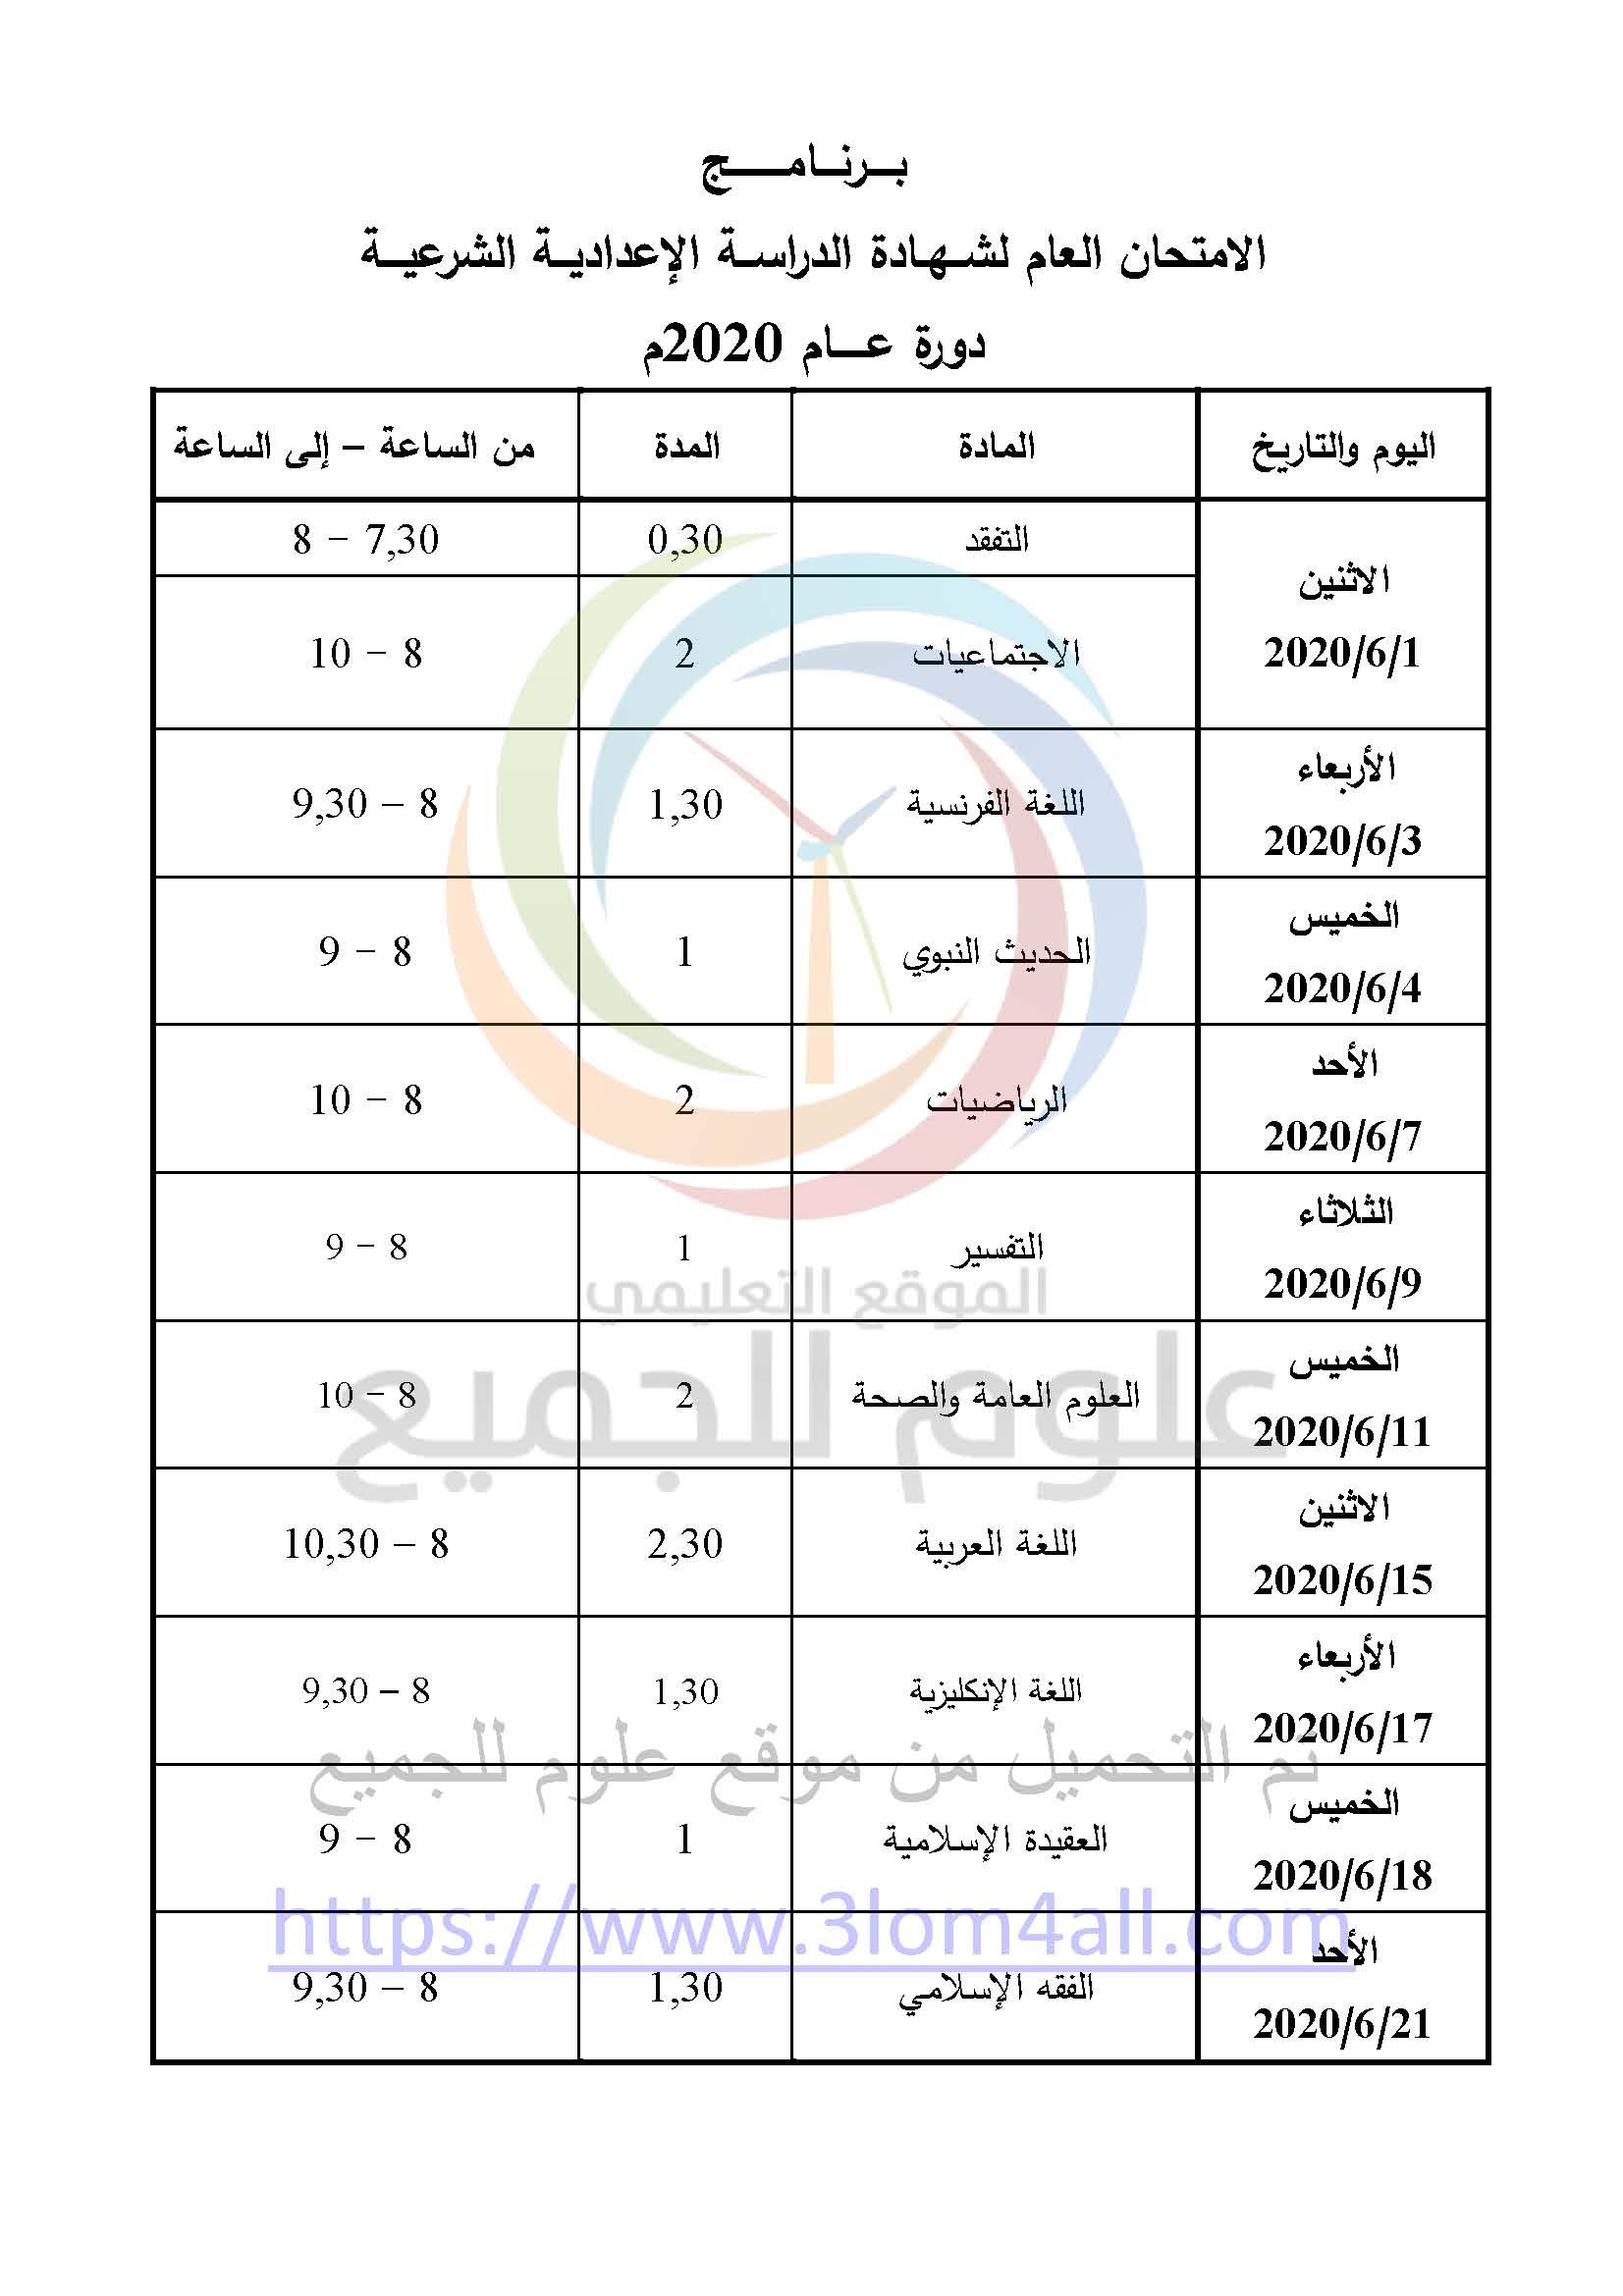 برنامج فحص التاسع 2020 المعدل سوريا - البرنامج الامتحاني لشهادتي التعليم الأساسي والإعدادية الشرعية لعام 2020